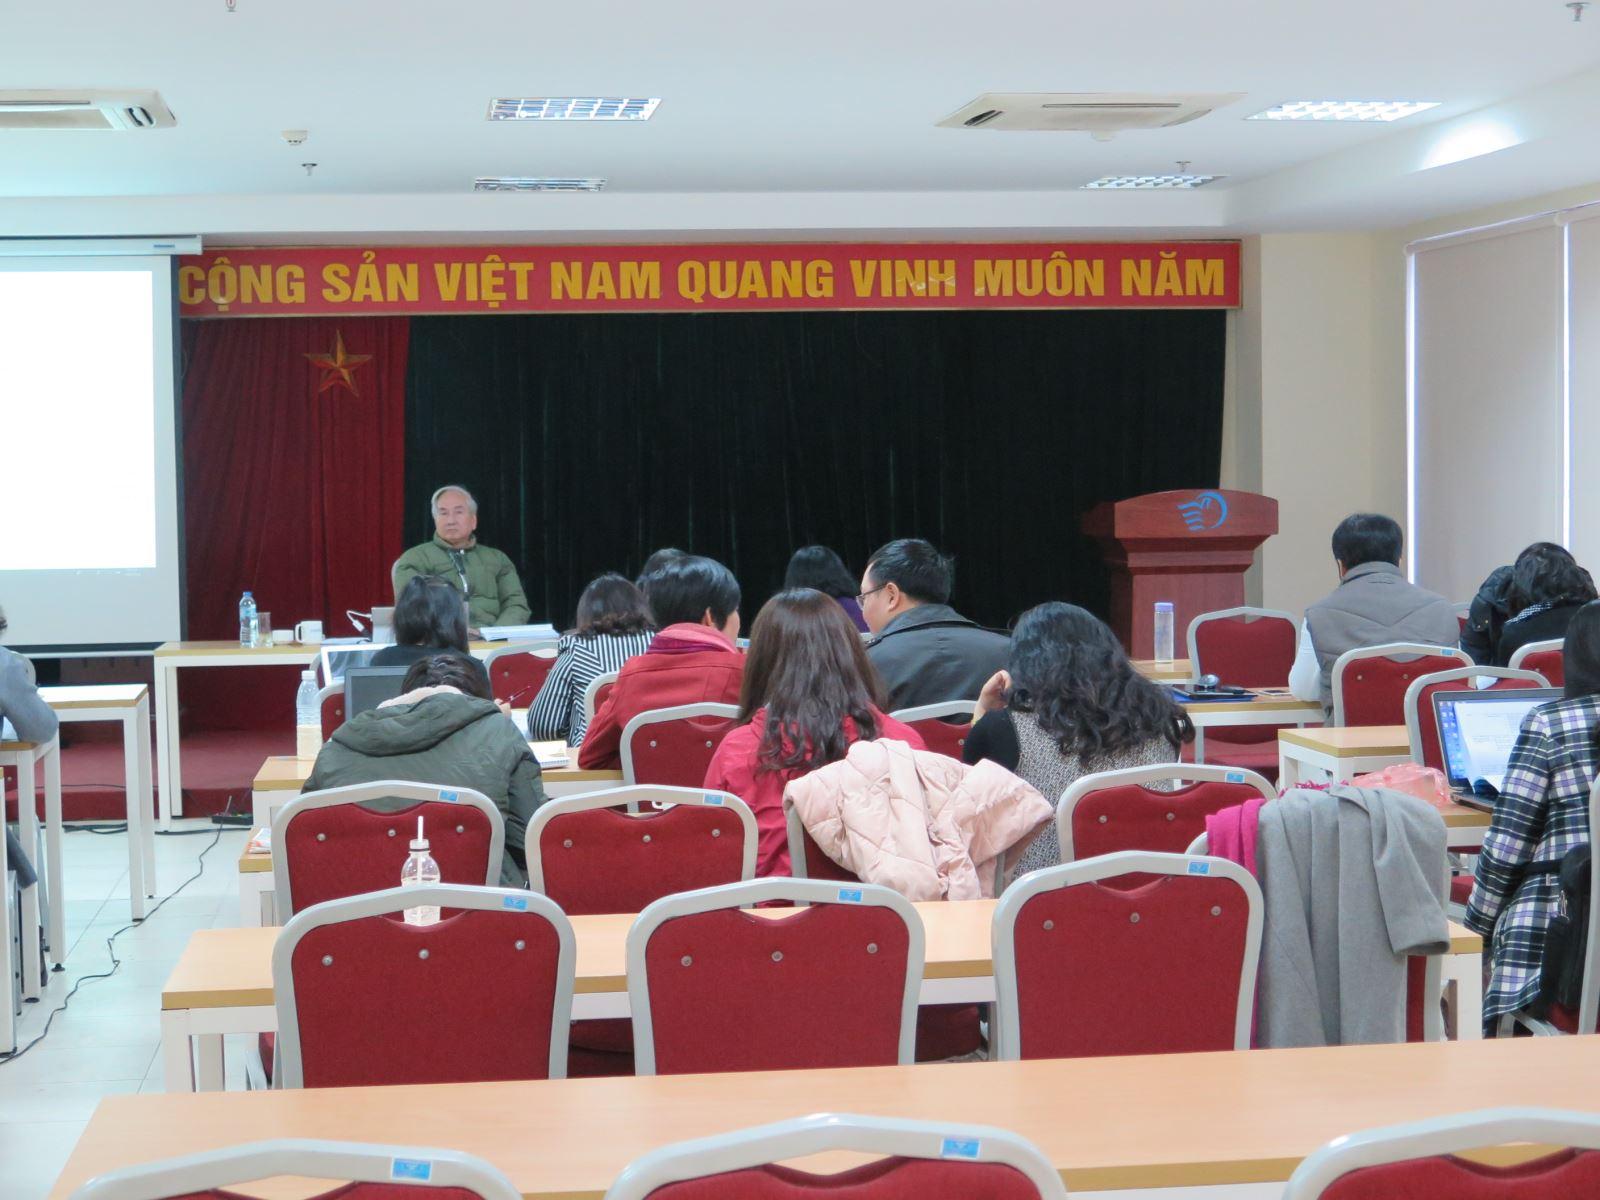 Học viện Phụ nữ Việt Nam tổ chức khóa tập huấn công tác đảm bảo chất lượng giáo dục